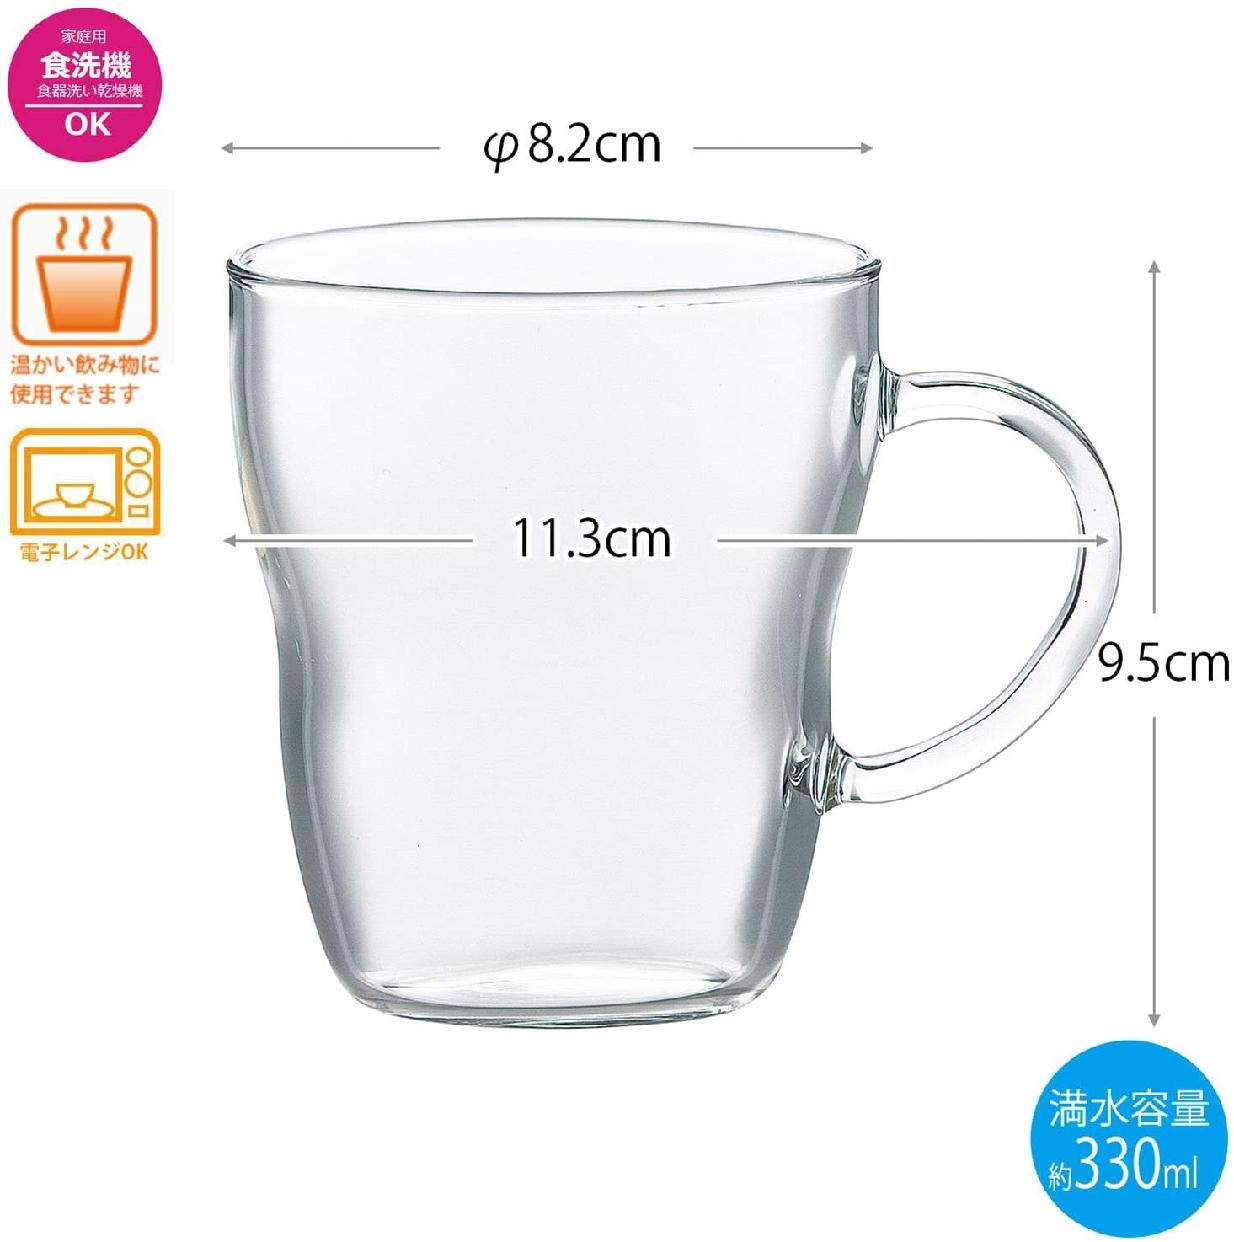 東洋佐々木ガラス 耐熱マグカップの商品画像3